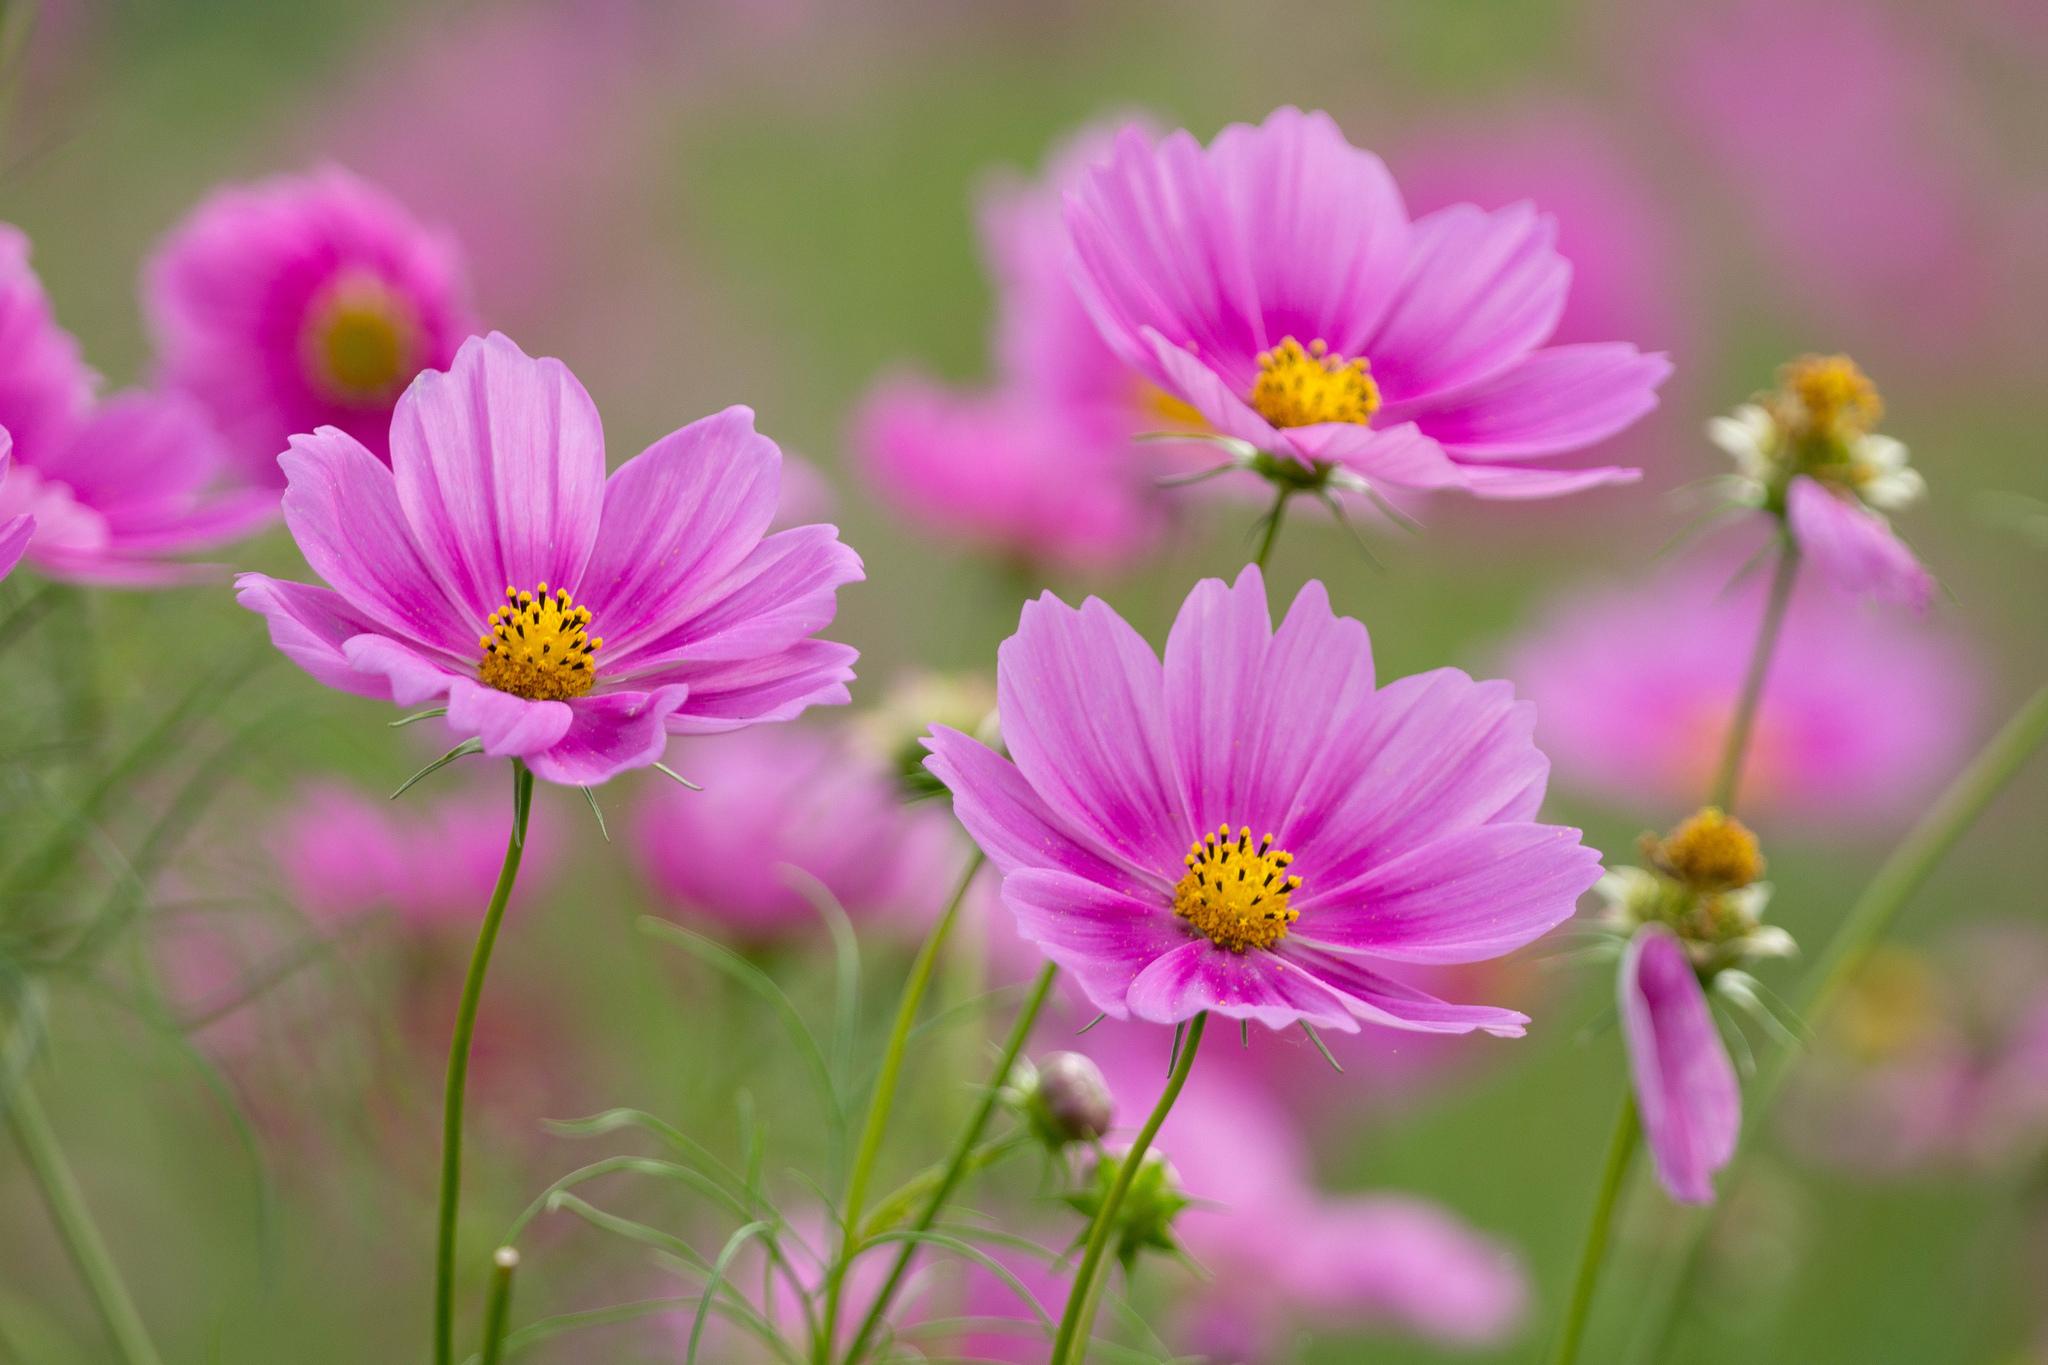 обои на телефон летние цветы подарочные